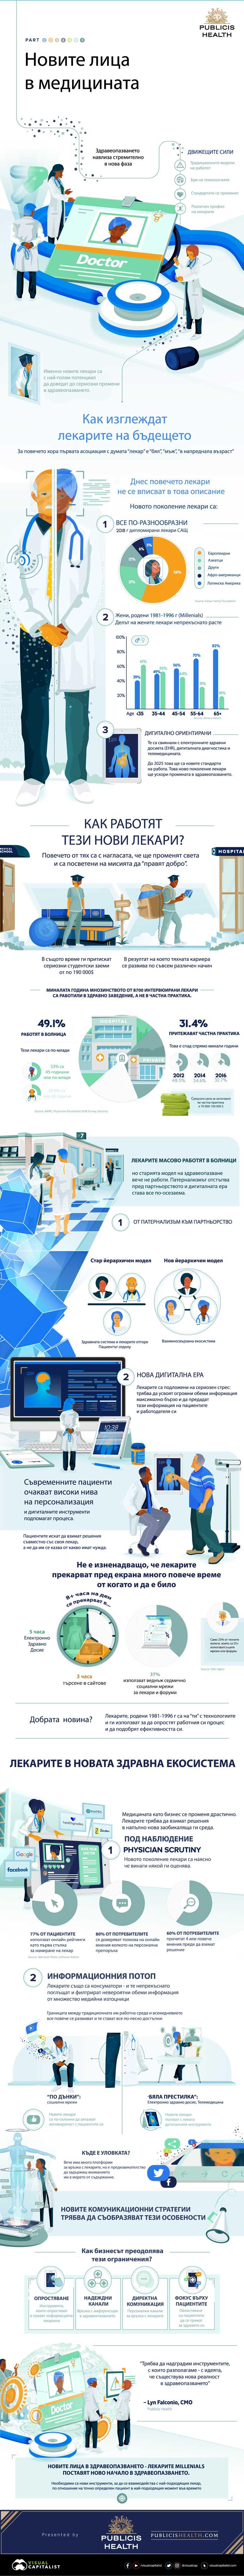 новите лица в медицината